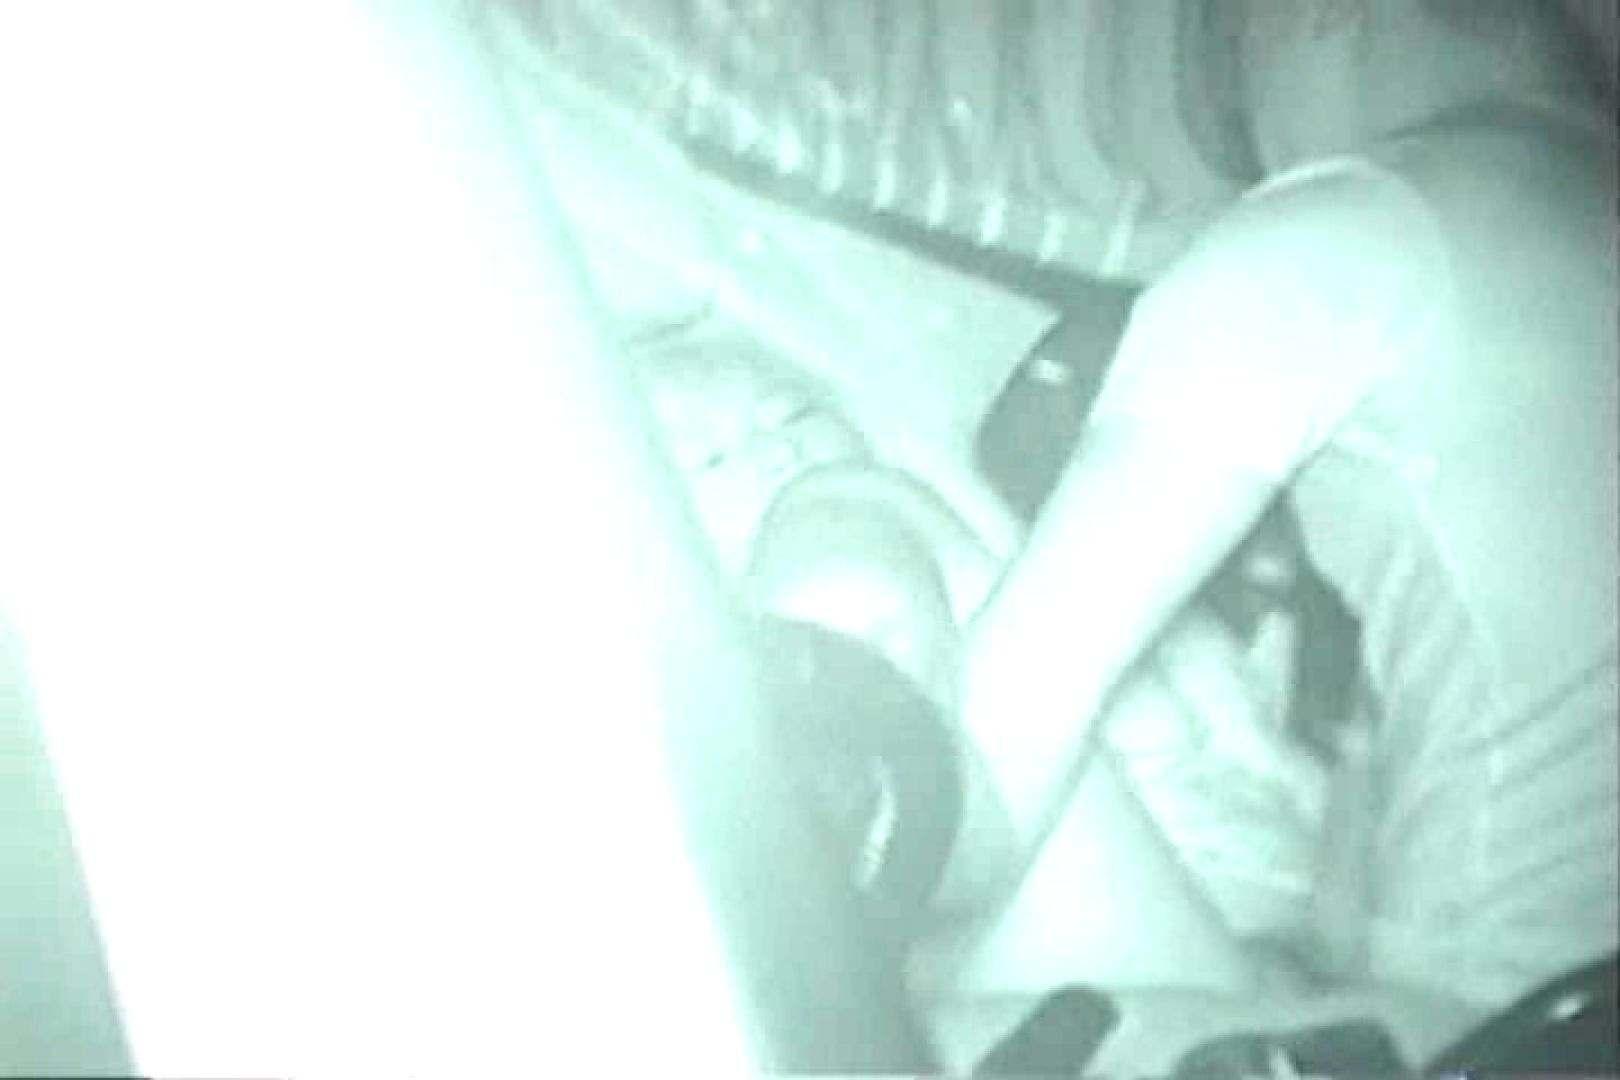 充血監督の深夜の運動会Vol.120 カップルのセックス 盗撮動画紹介 63PIX 27